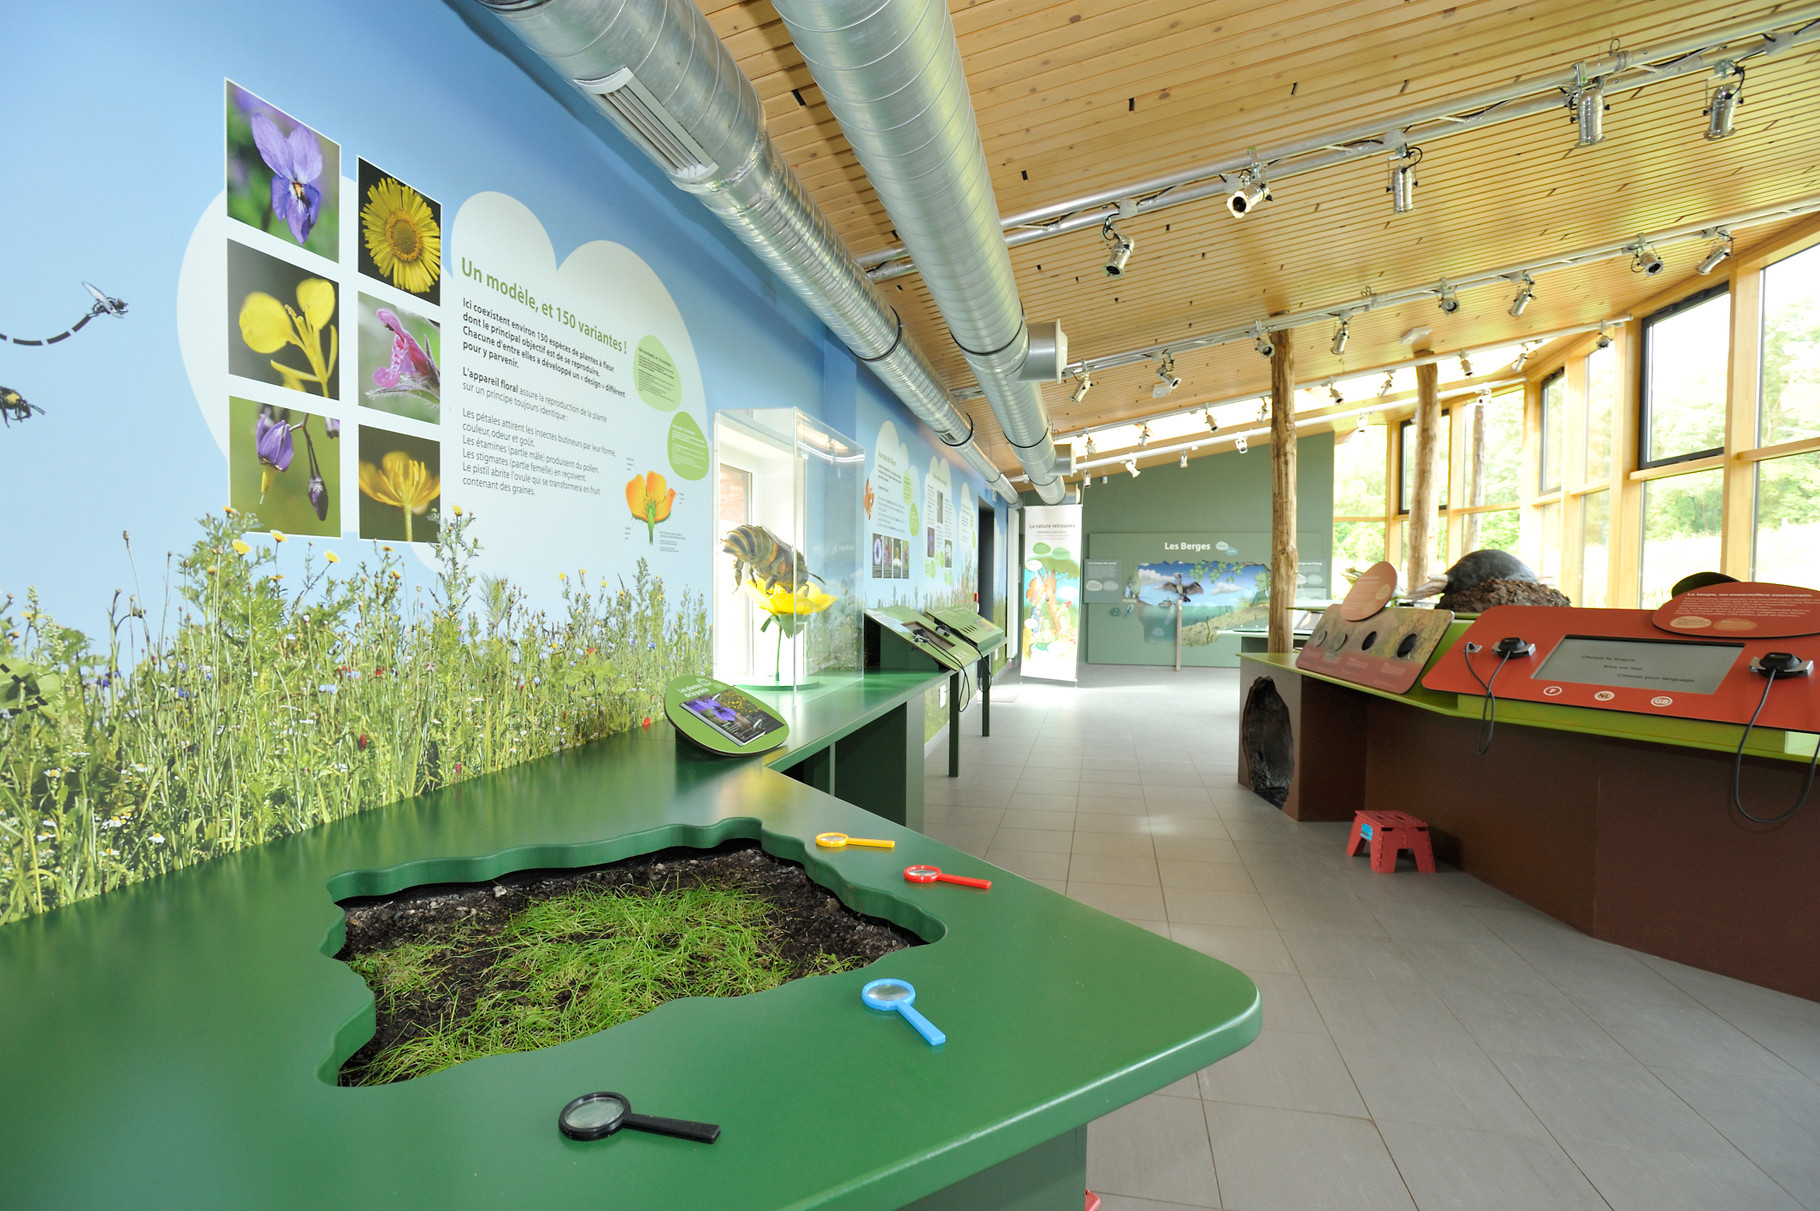 Le Relais Nature du Parc de la Deûle par Richard Soberka